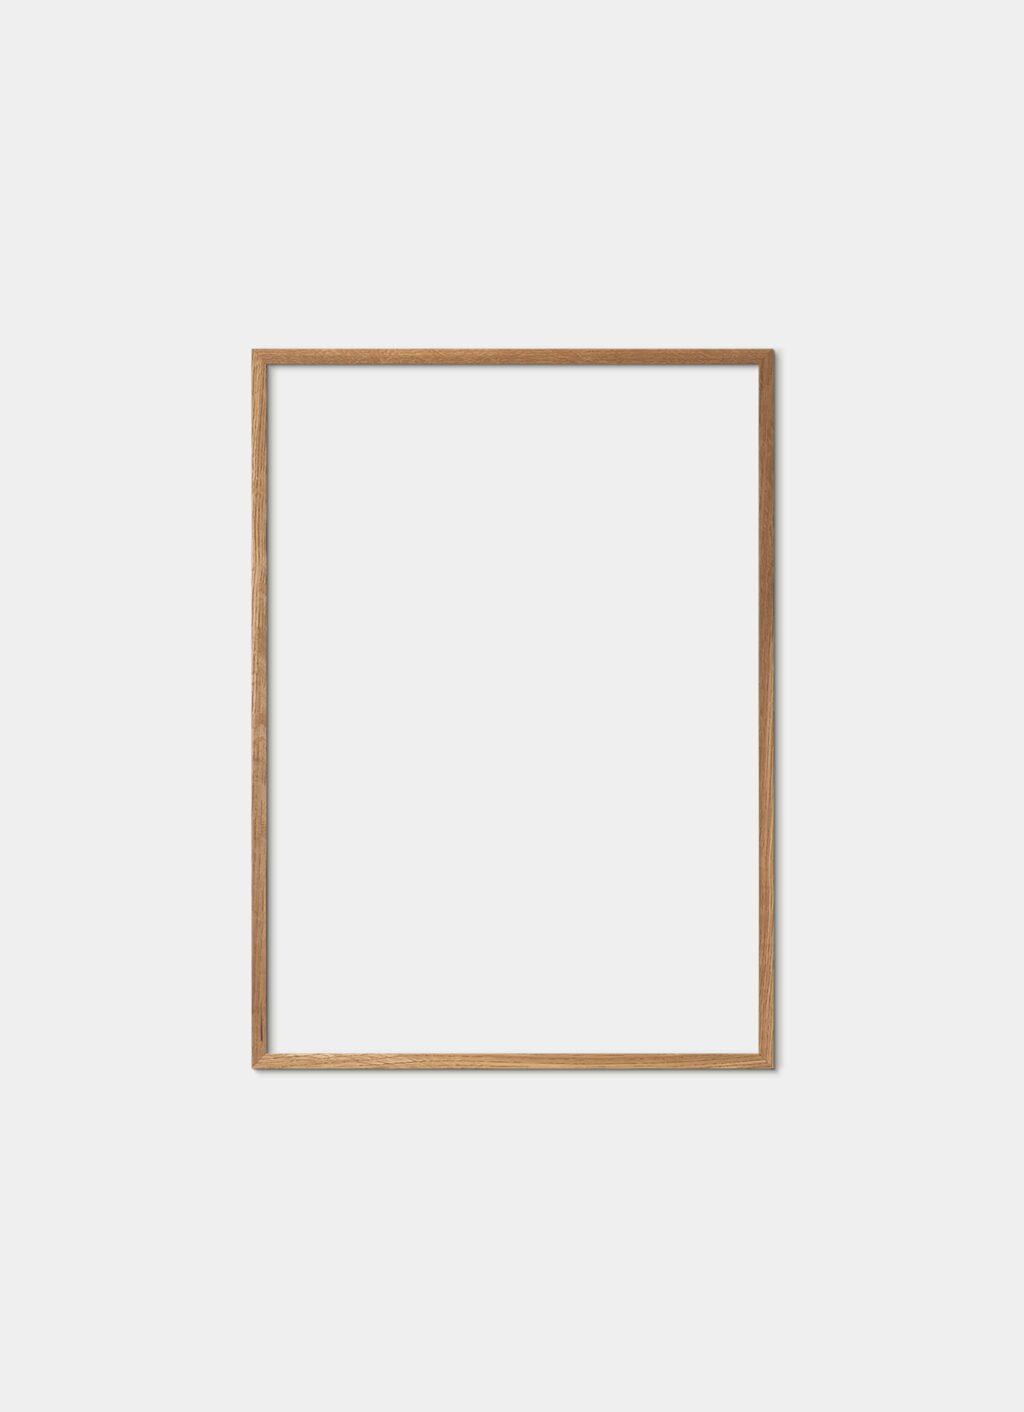 Solid Oak Frame - Natural - 50x70 cm